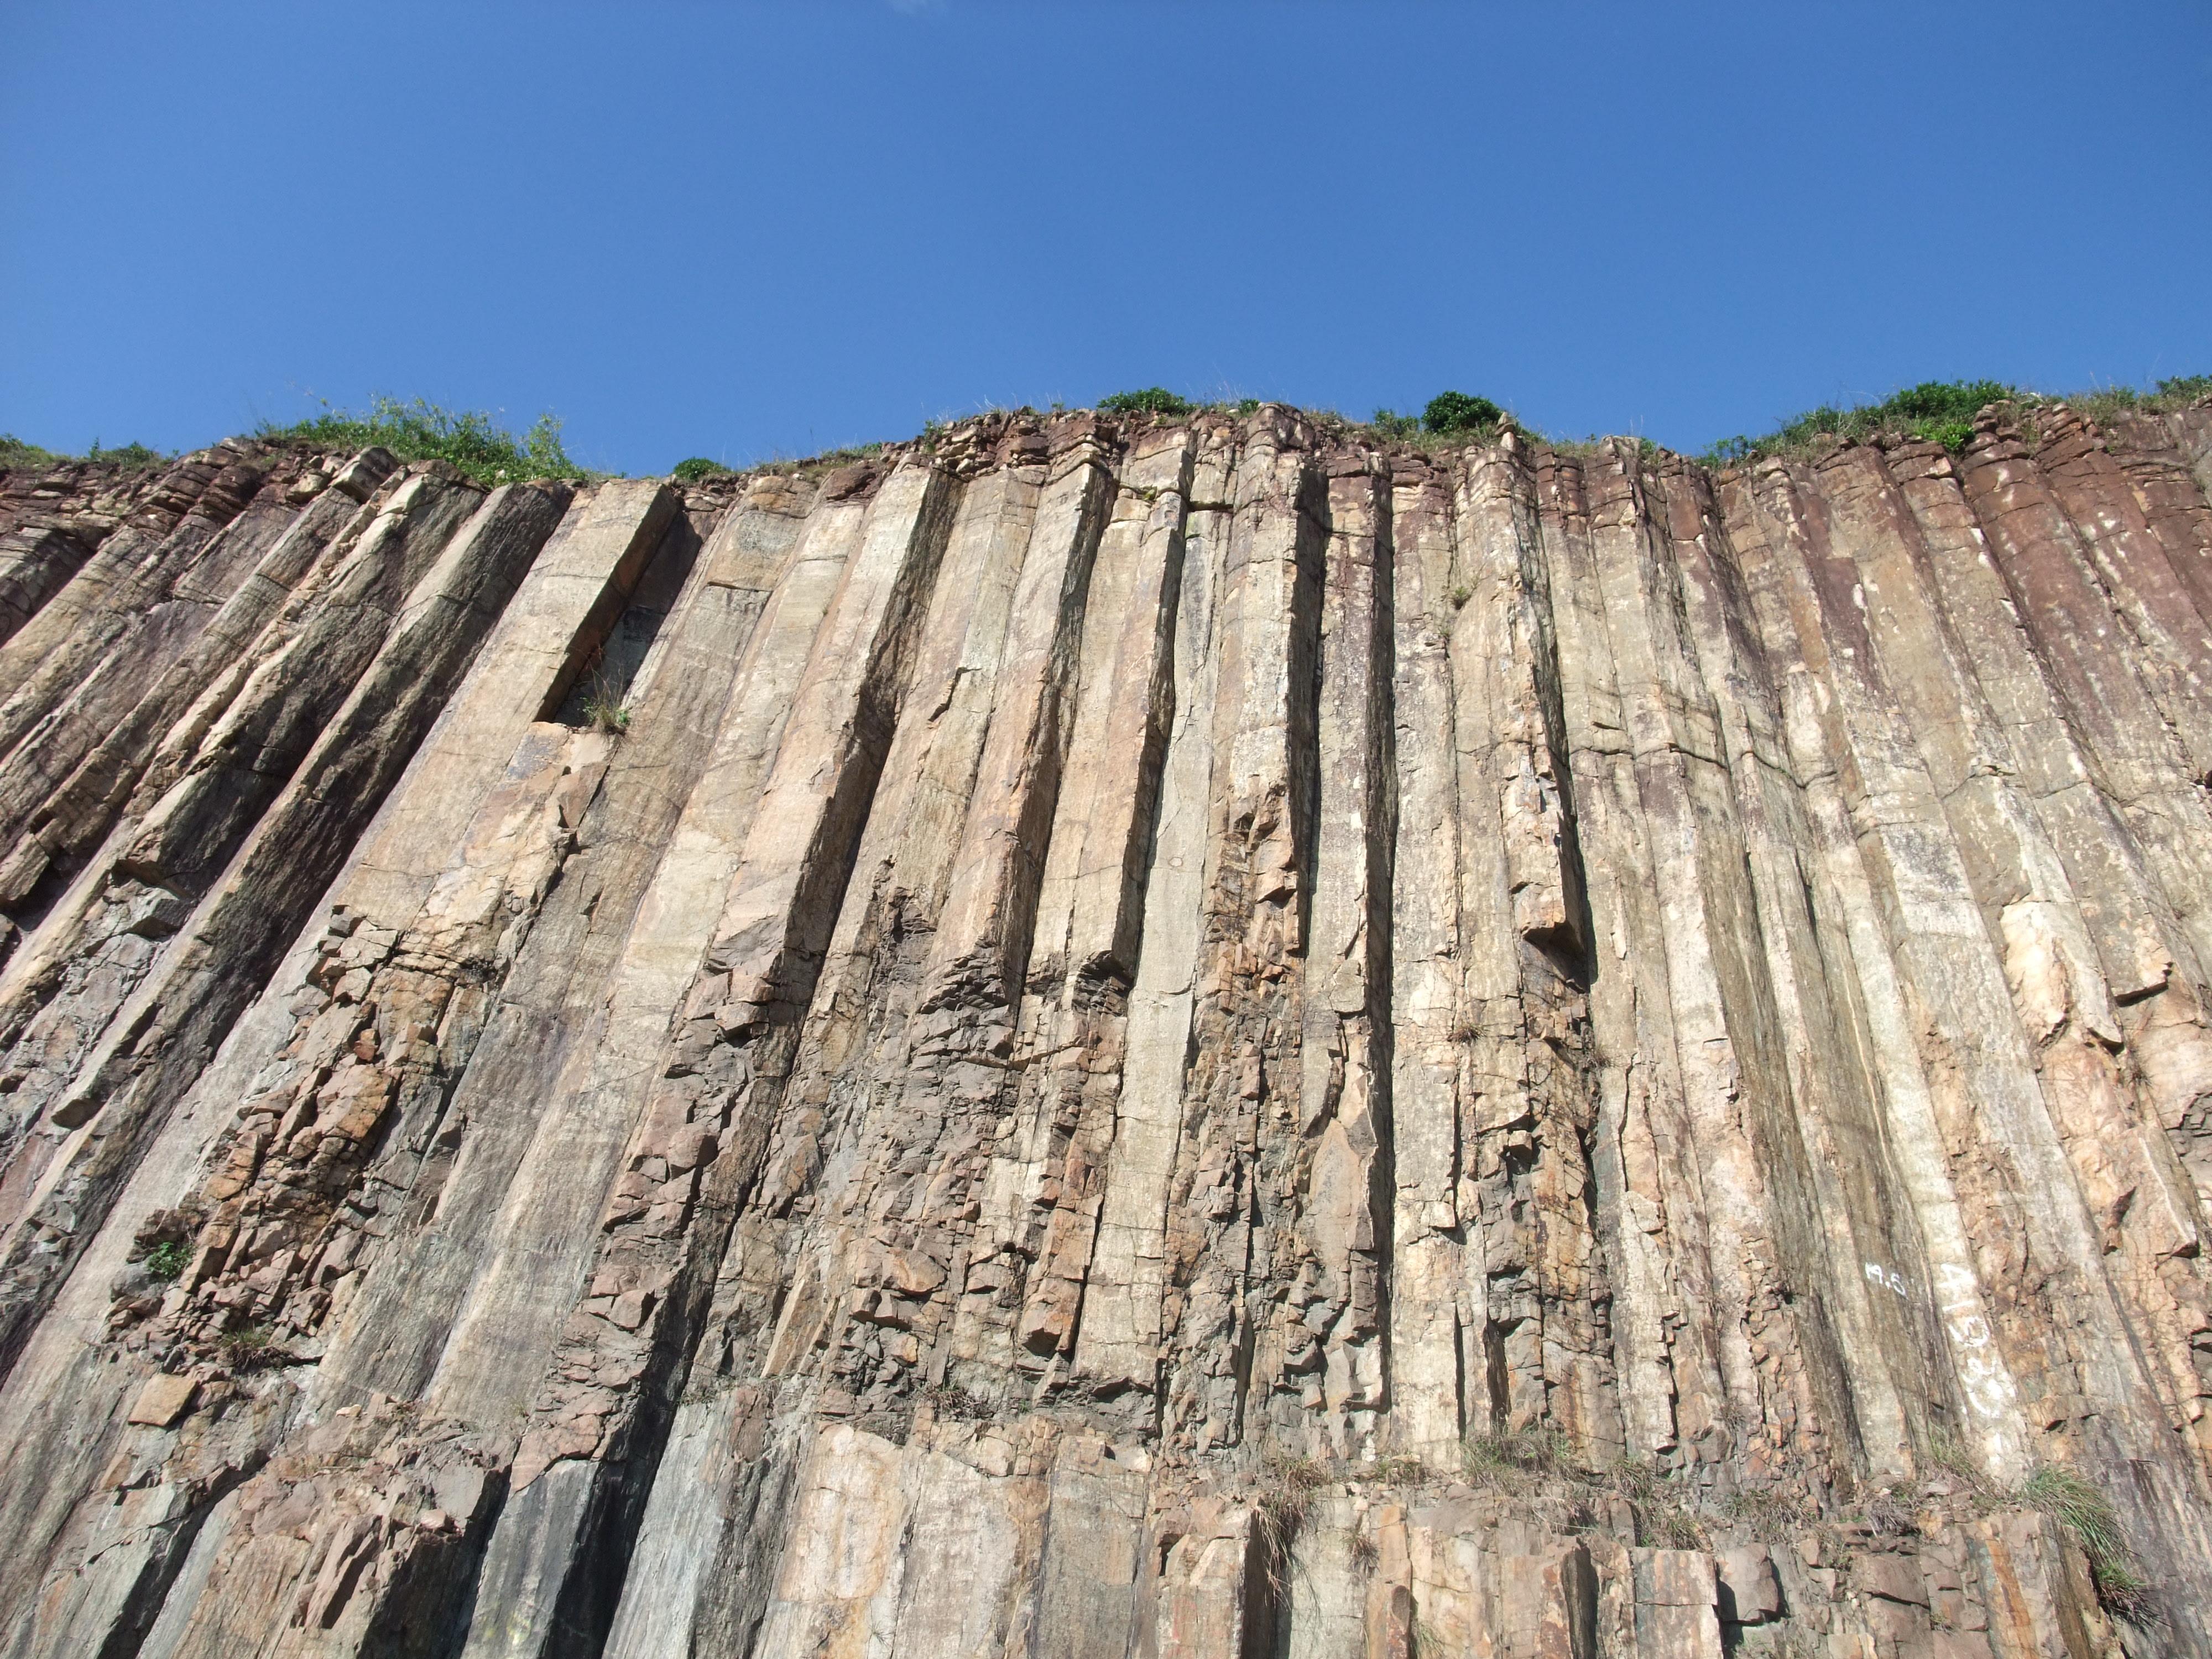 Hexagonal columns at East Dam of High Island Reservoir